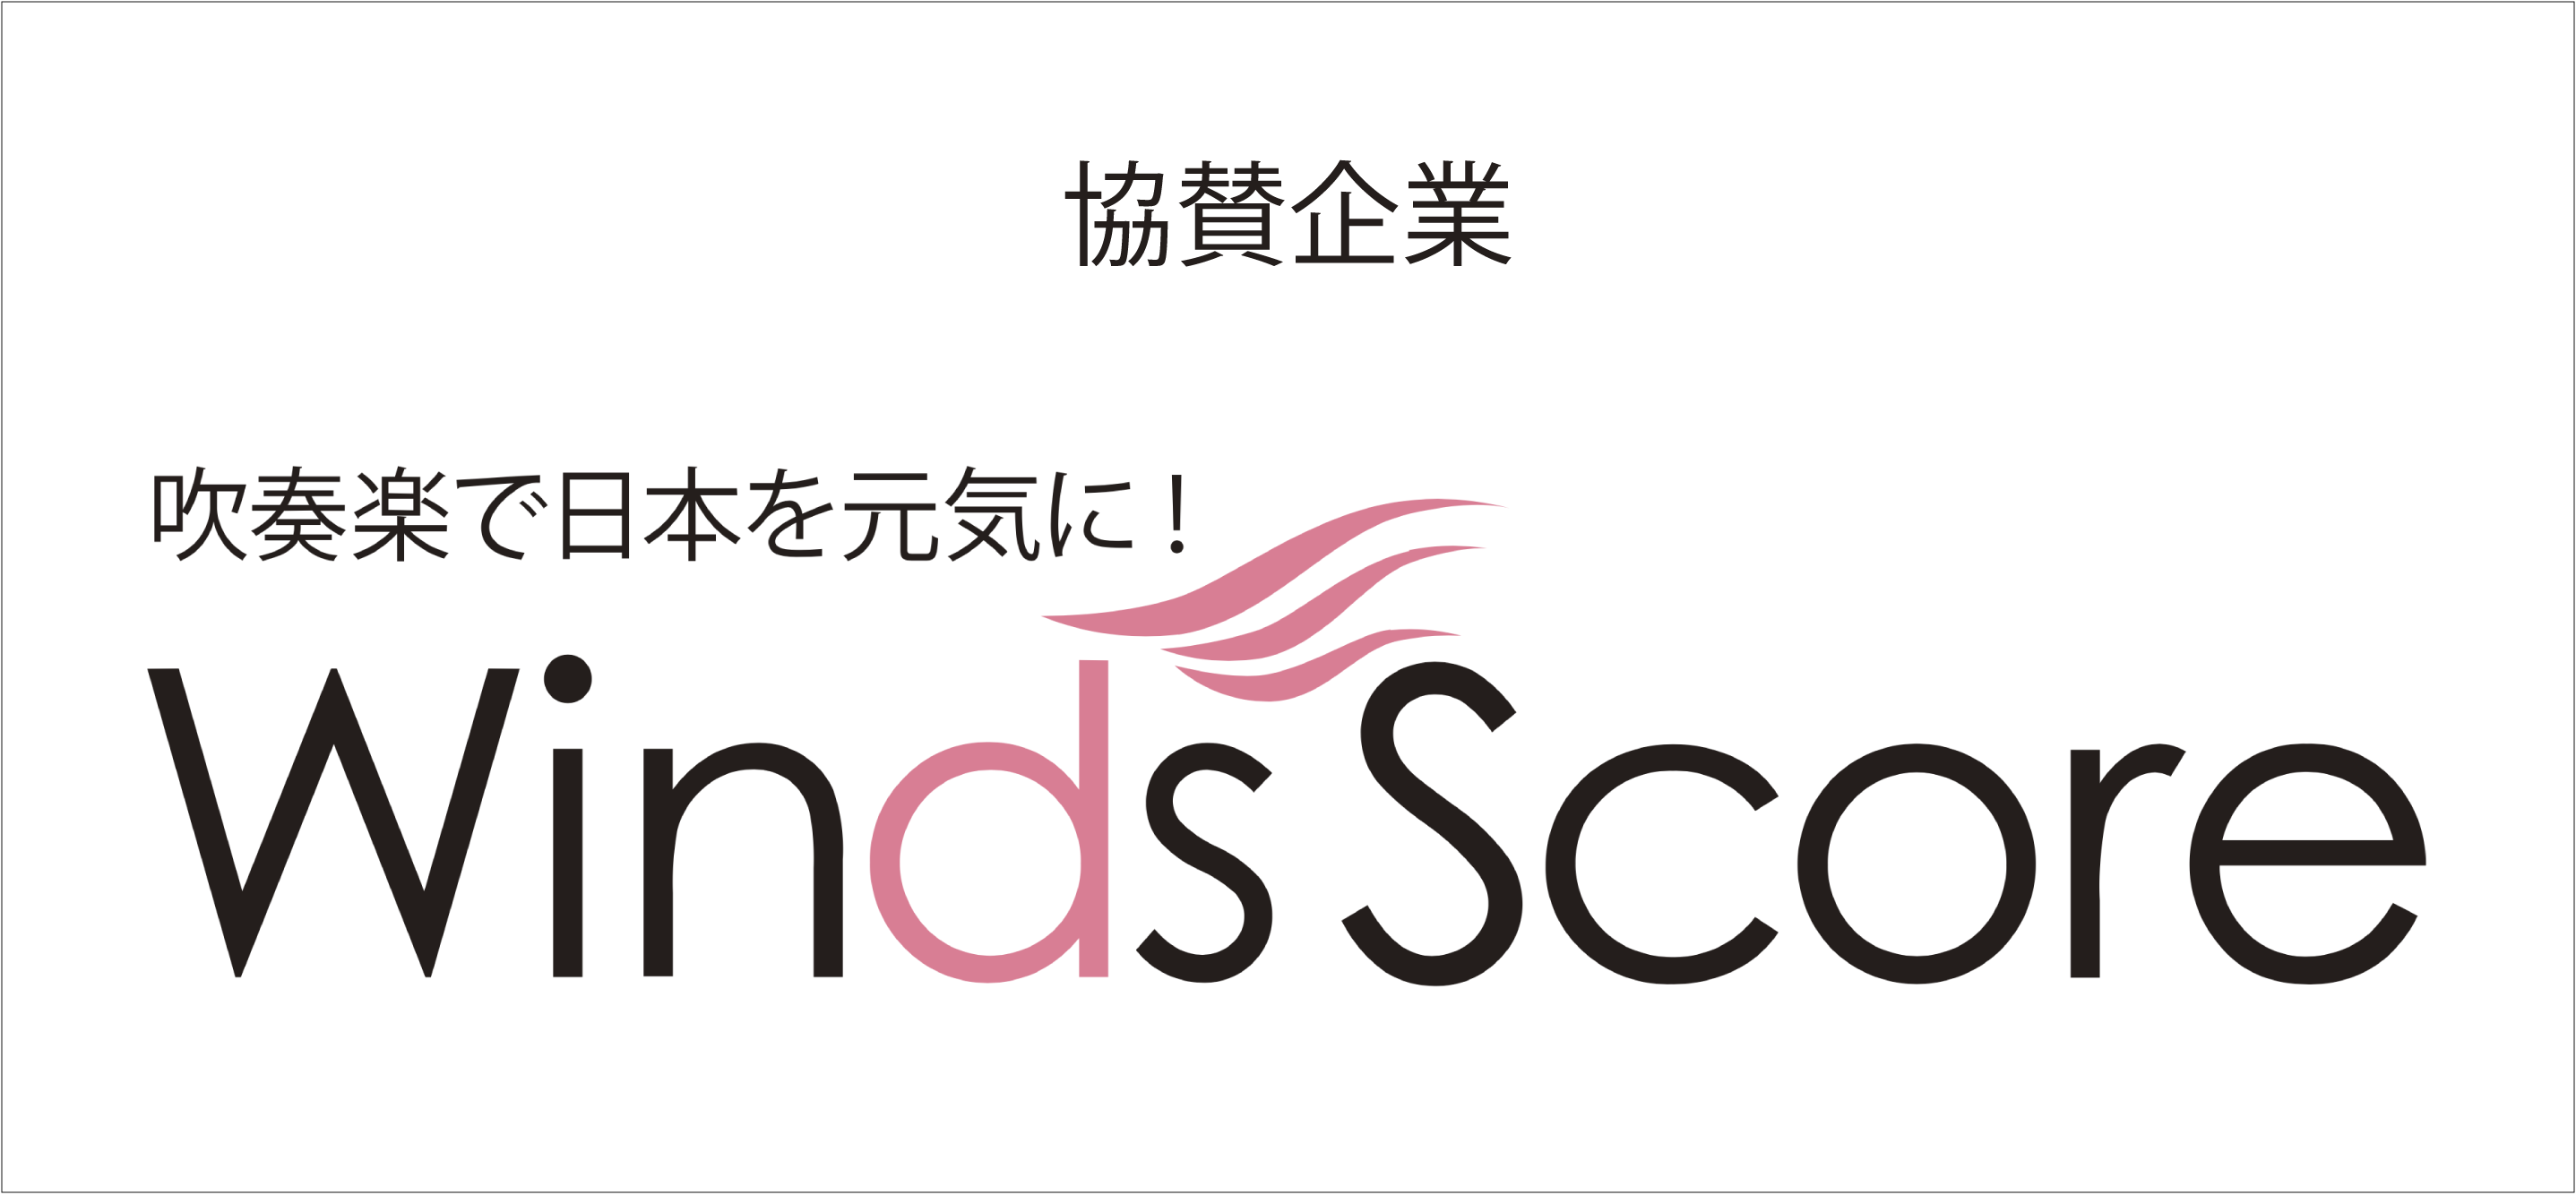 協賛バナー:吹奏楽で日本を元気に!Winds Score Spielen Musik